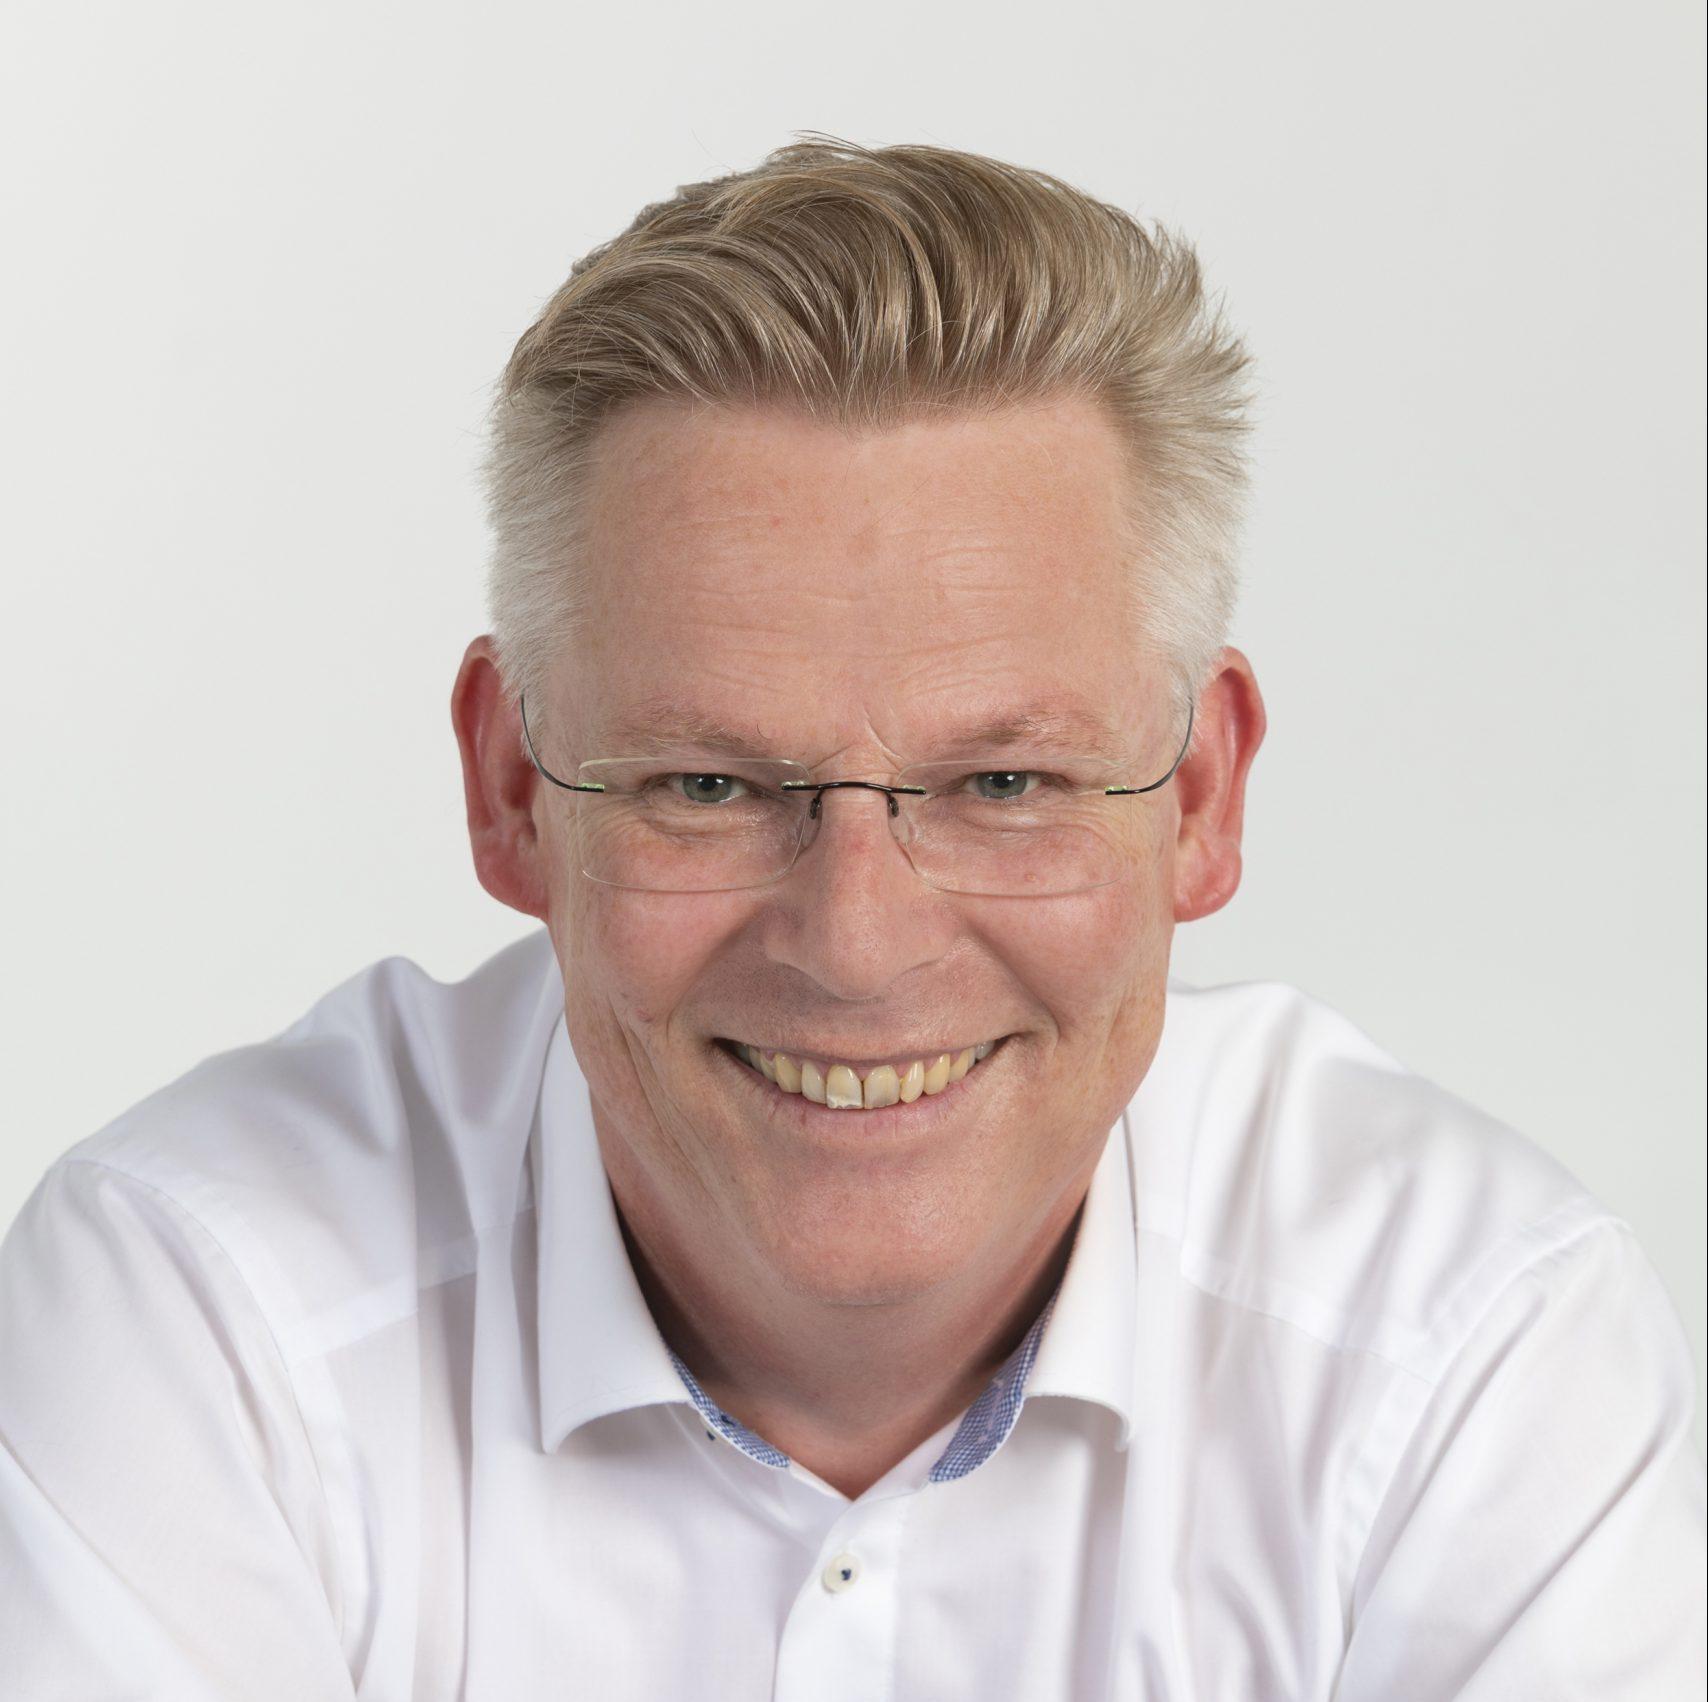 Arjen Harkema